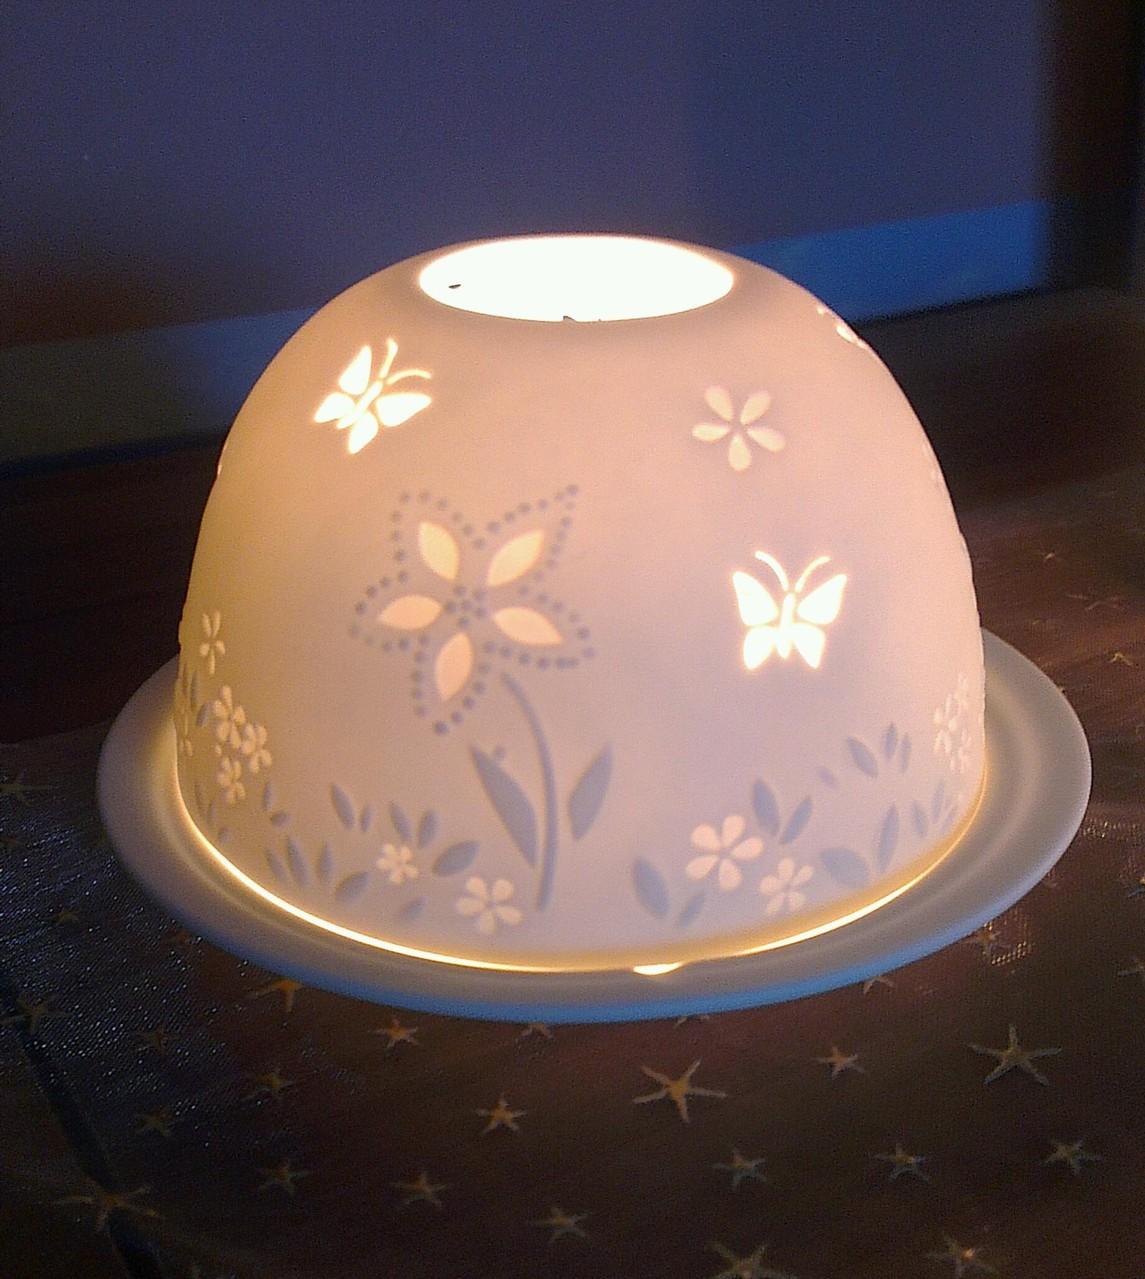 bezauberndes Kerzenlicht